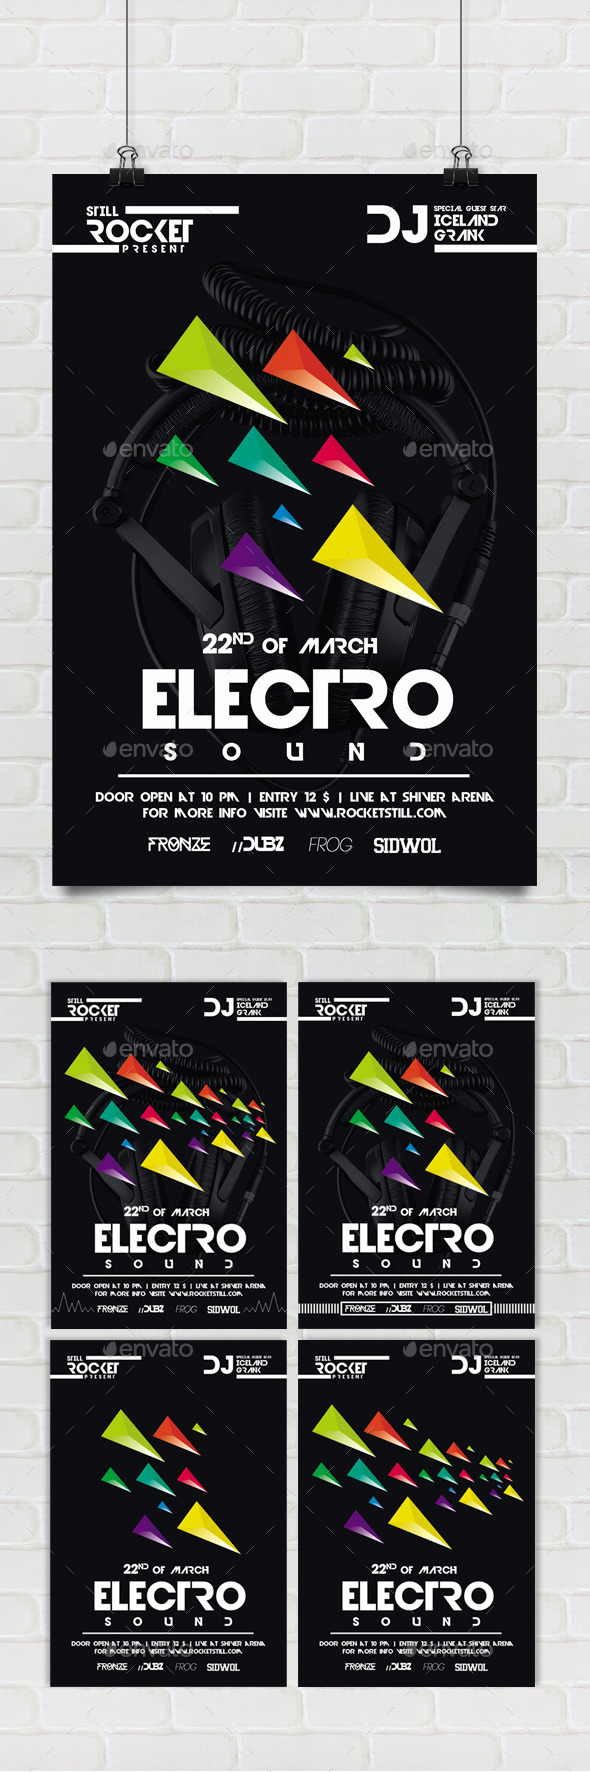 GraphicRiver Electro Nu Flyer 8910025